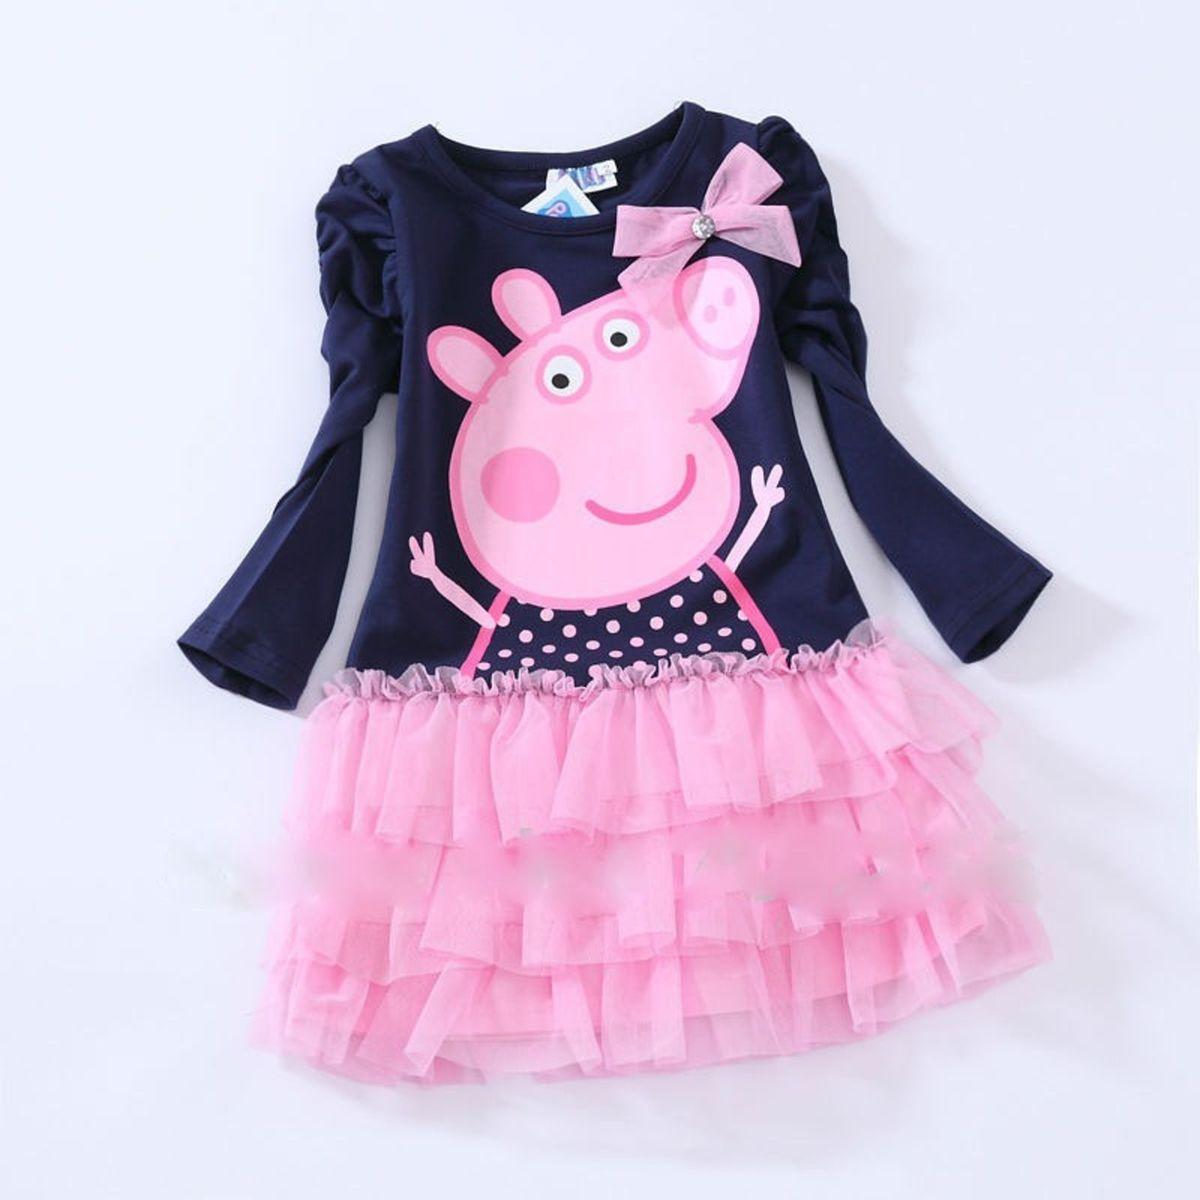 dc72832e2 Vestido Peppa Pig 5 Anos   Roupa Infantil para Menina Peppa Pig Nunca Usado  1011441   enjoei